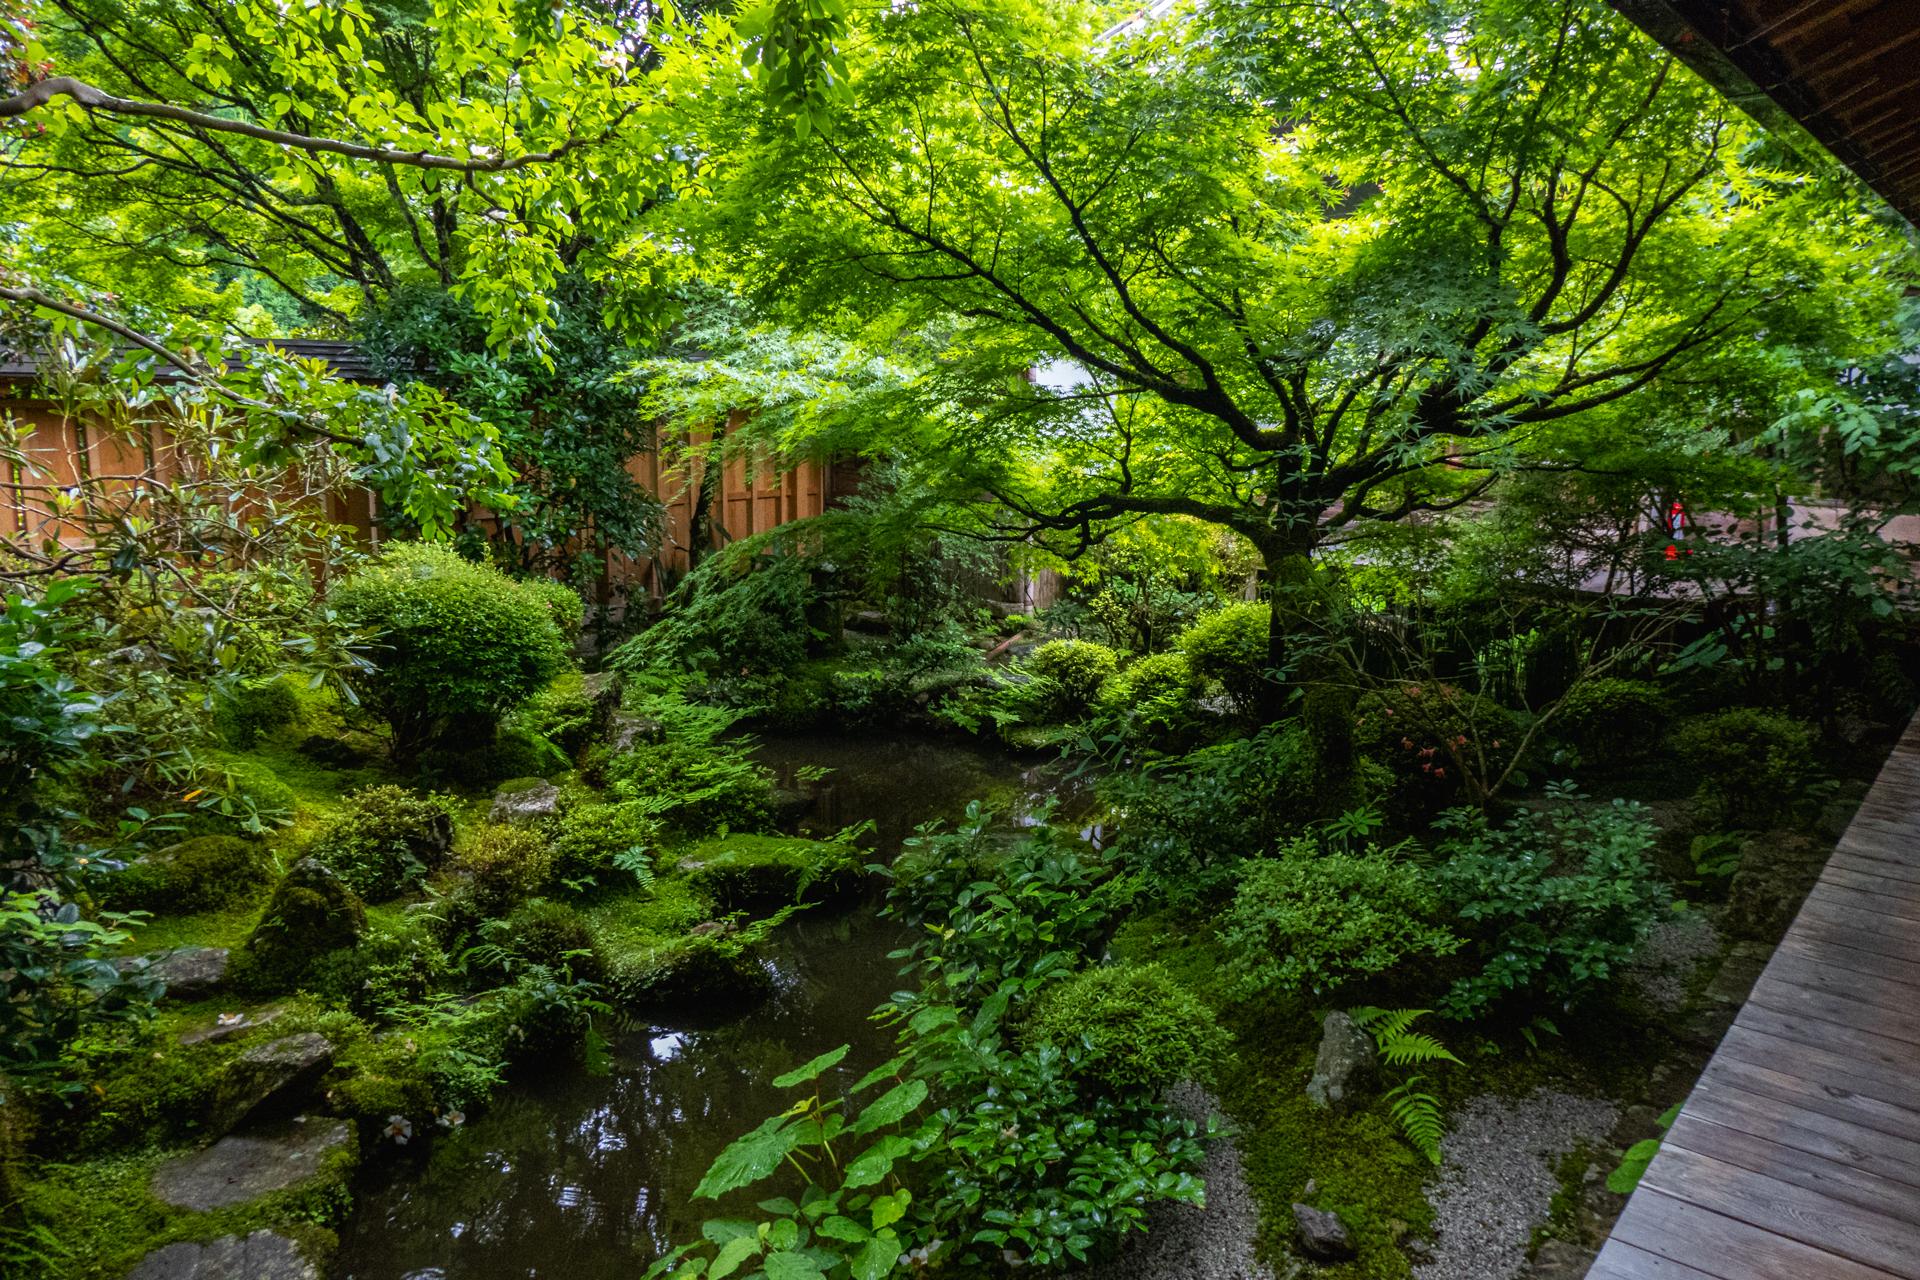 P1001579 京都府 宝泉院(額縁庭園と新緑の景色が美しい夏におすすめスポット!写真の紹介、アクセス情報など)